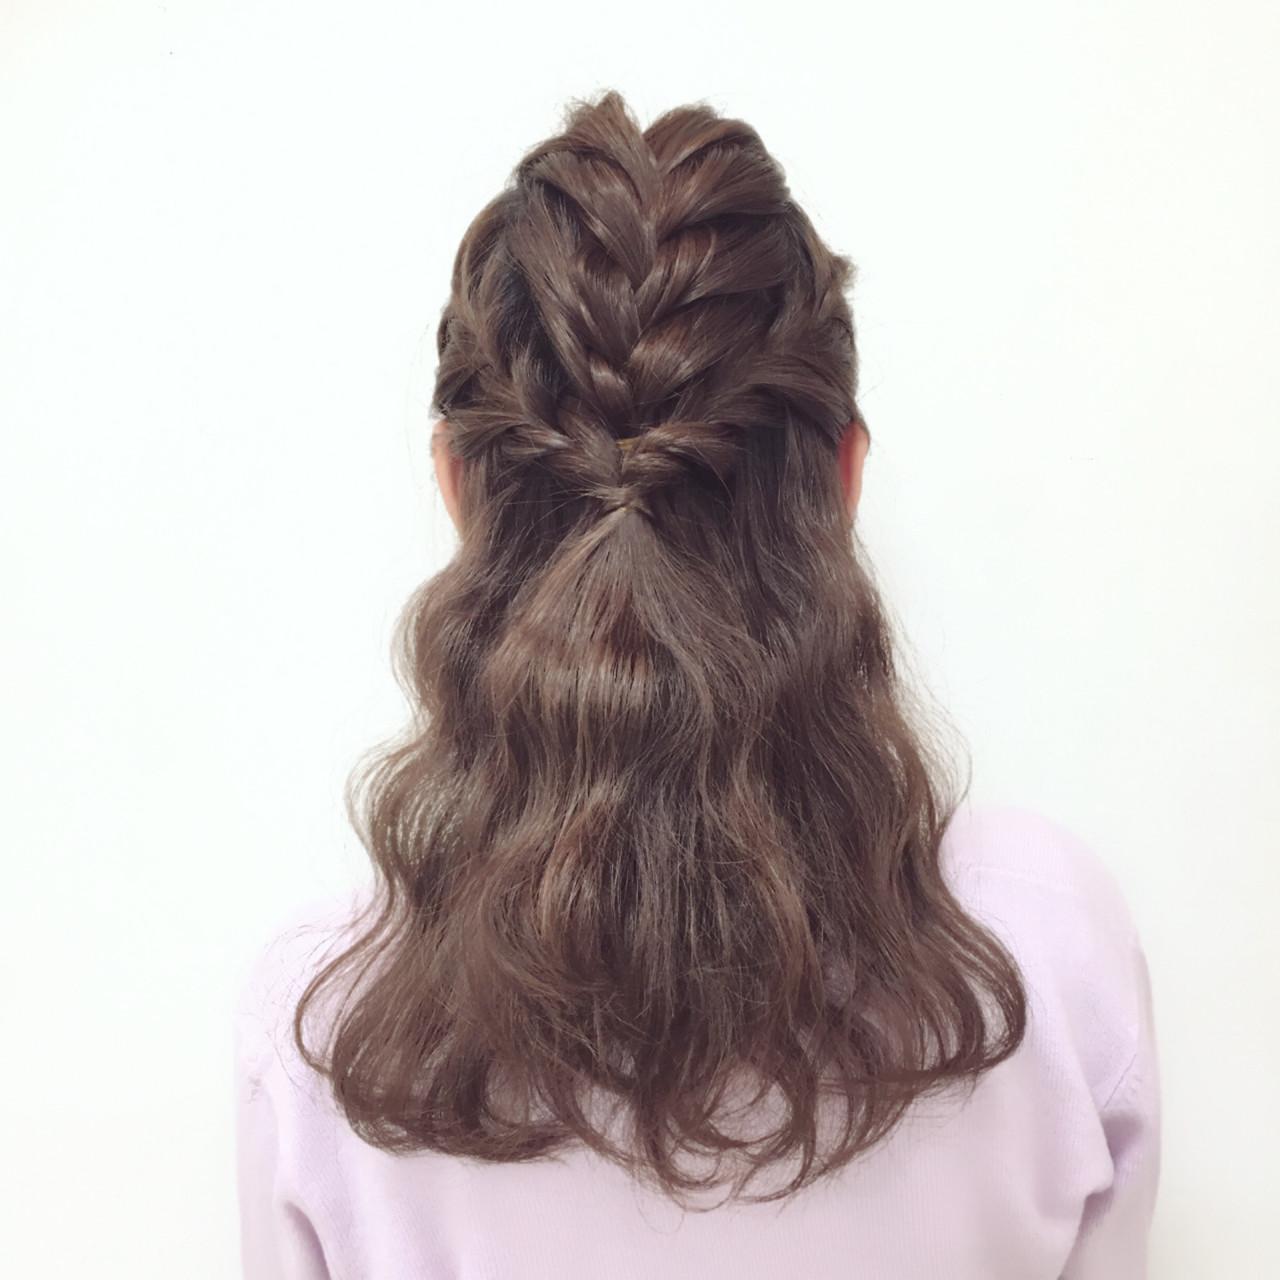 フェミニン ヘアアレンジ ミディアム ハーフアップ ヘアスタイルや髪型の写真・画像